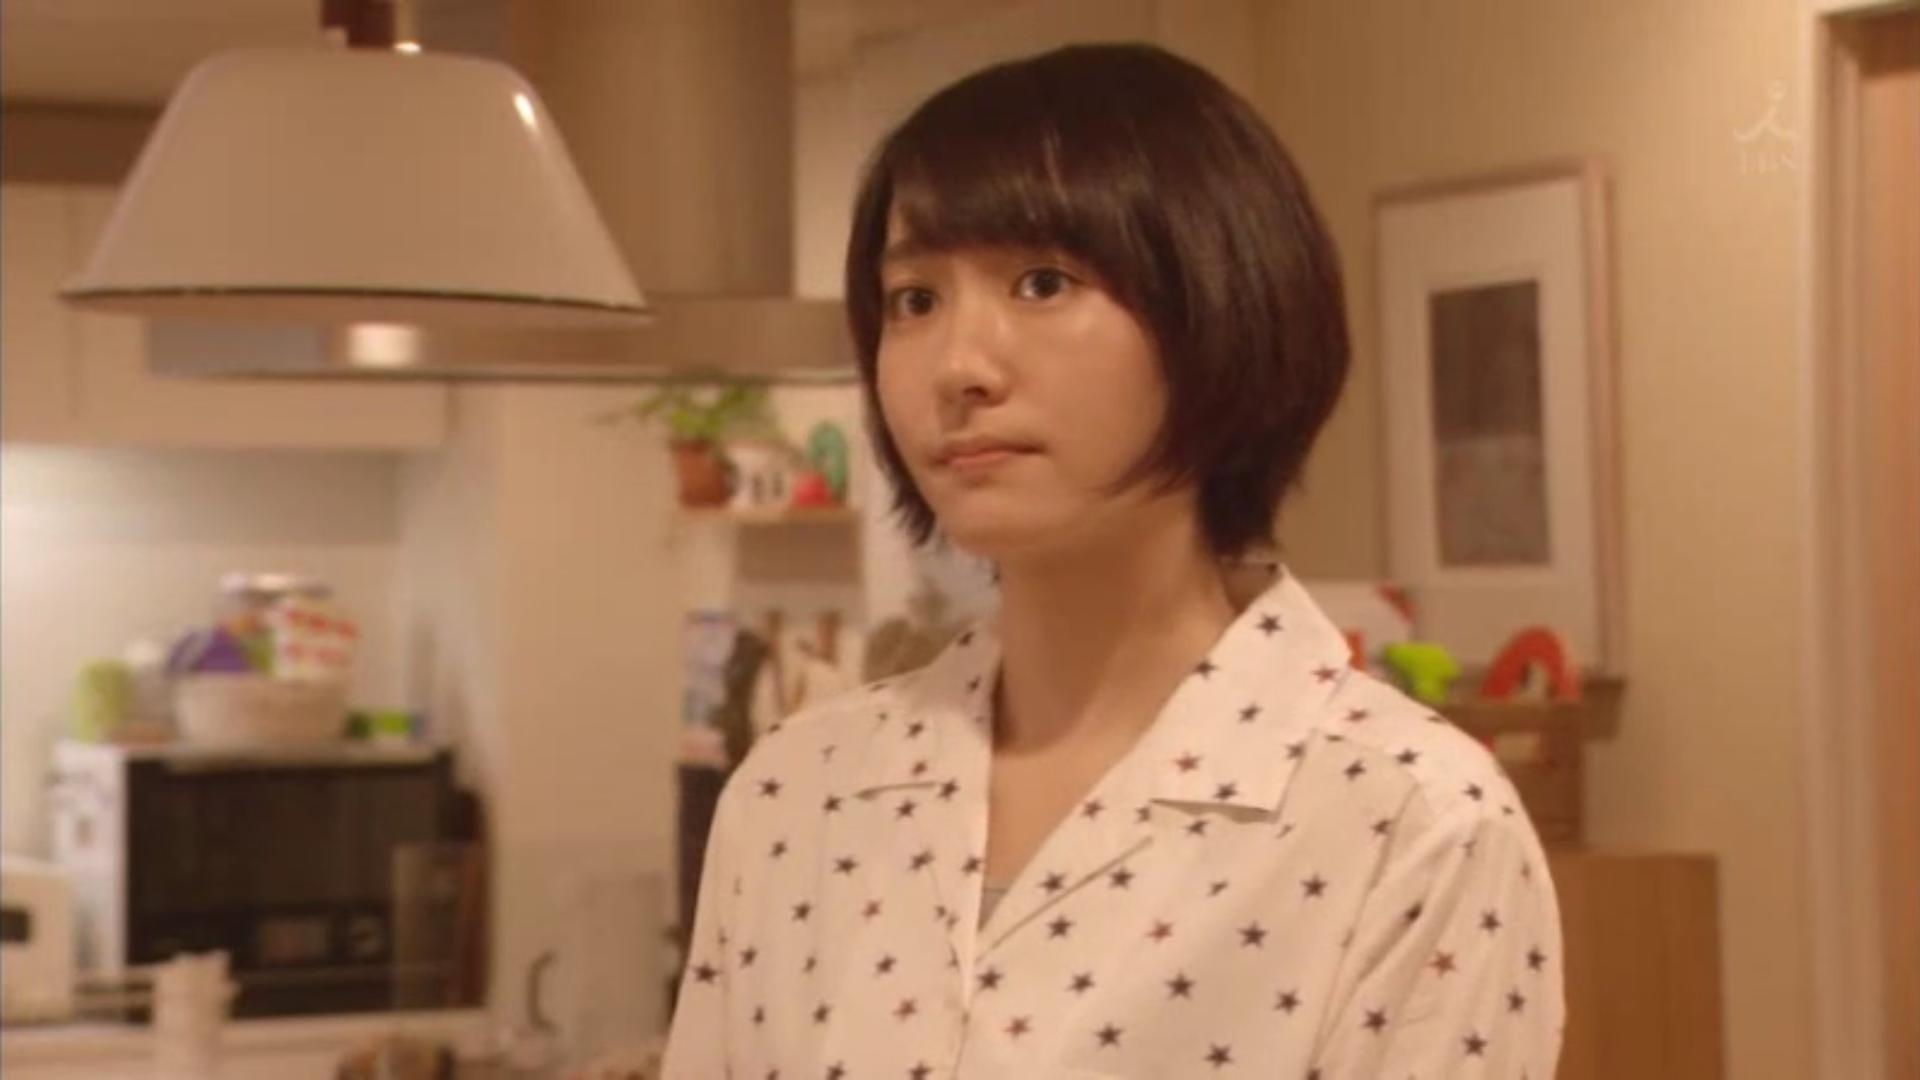 【ドラマ】印象的な待ち合わせのシーン【映画】